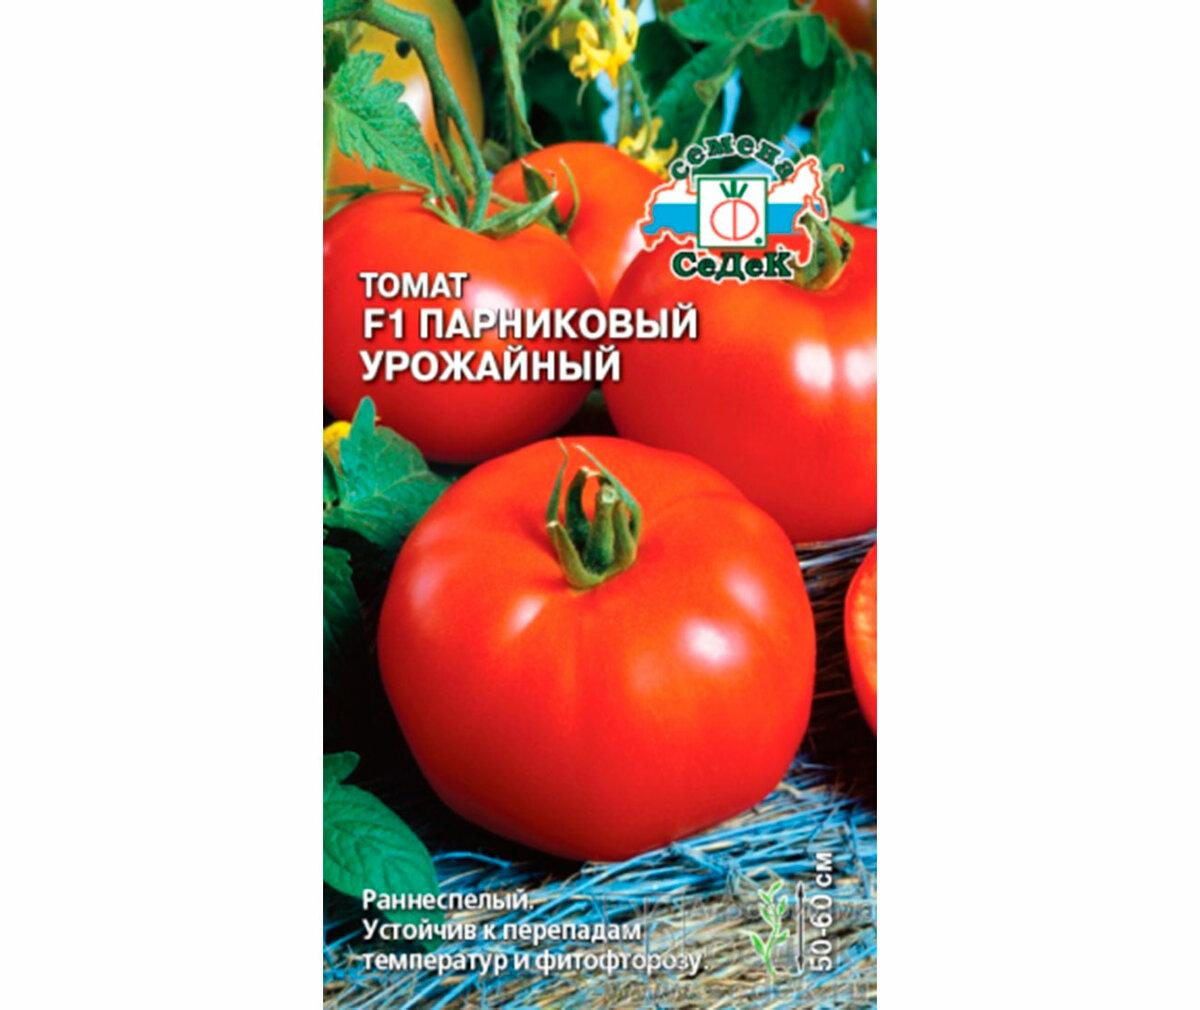 Характеристика томата санька: описание сорта, выращивание из семян и урожайность помидор, фото и видео